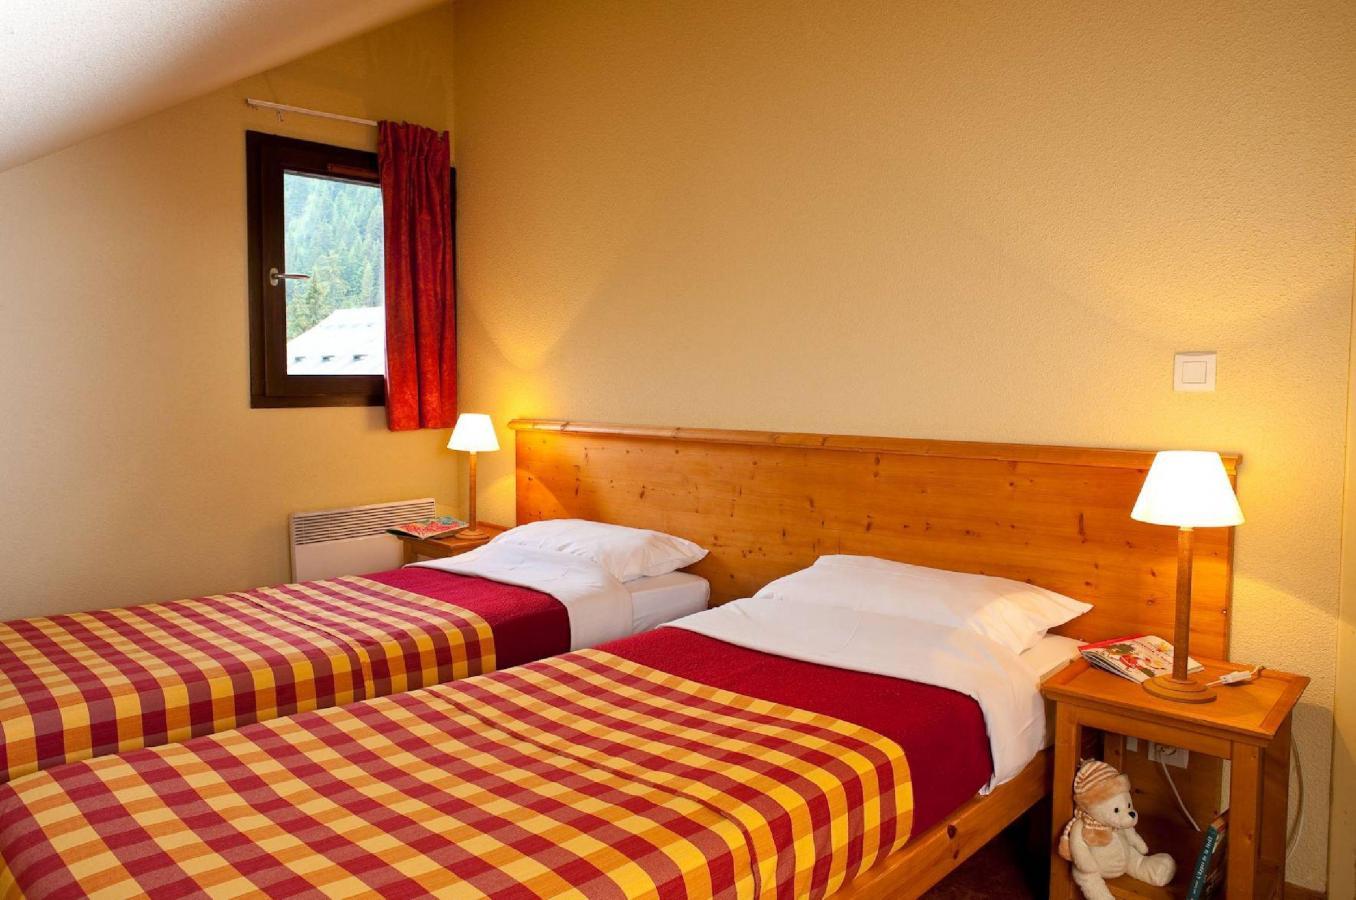 Location au ski Les Chalets Du Thabor - Valfréjus - Chambre mansardée